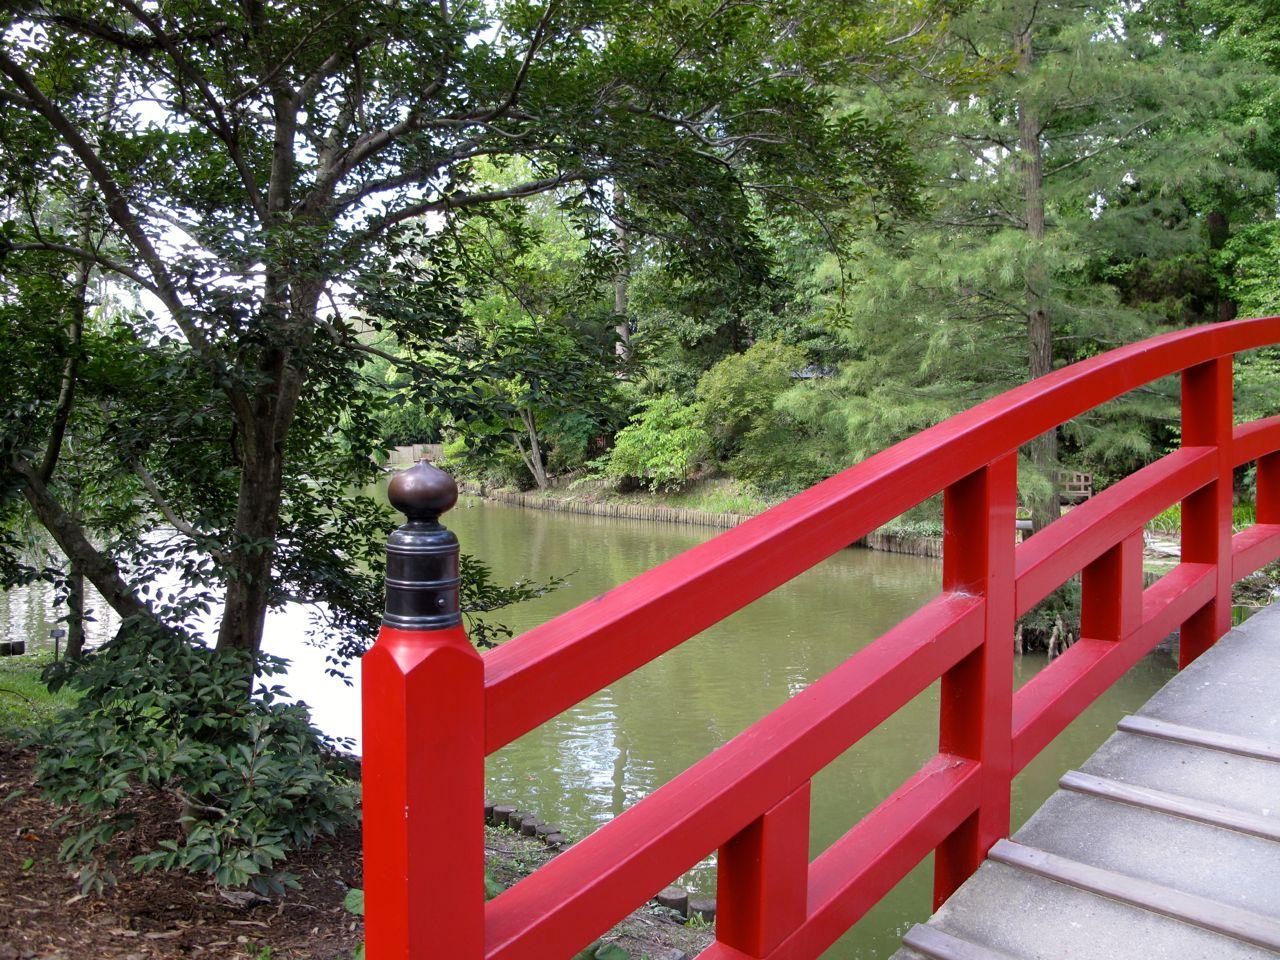 Morning at duke gardens pbmgarden for Japanese style bridge